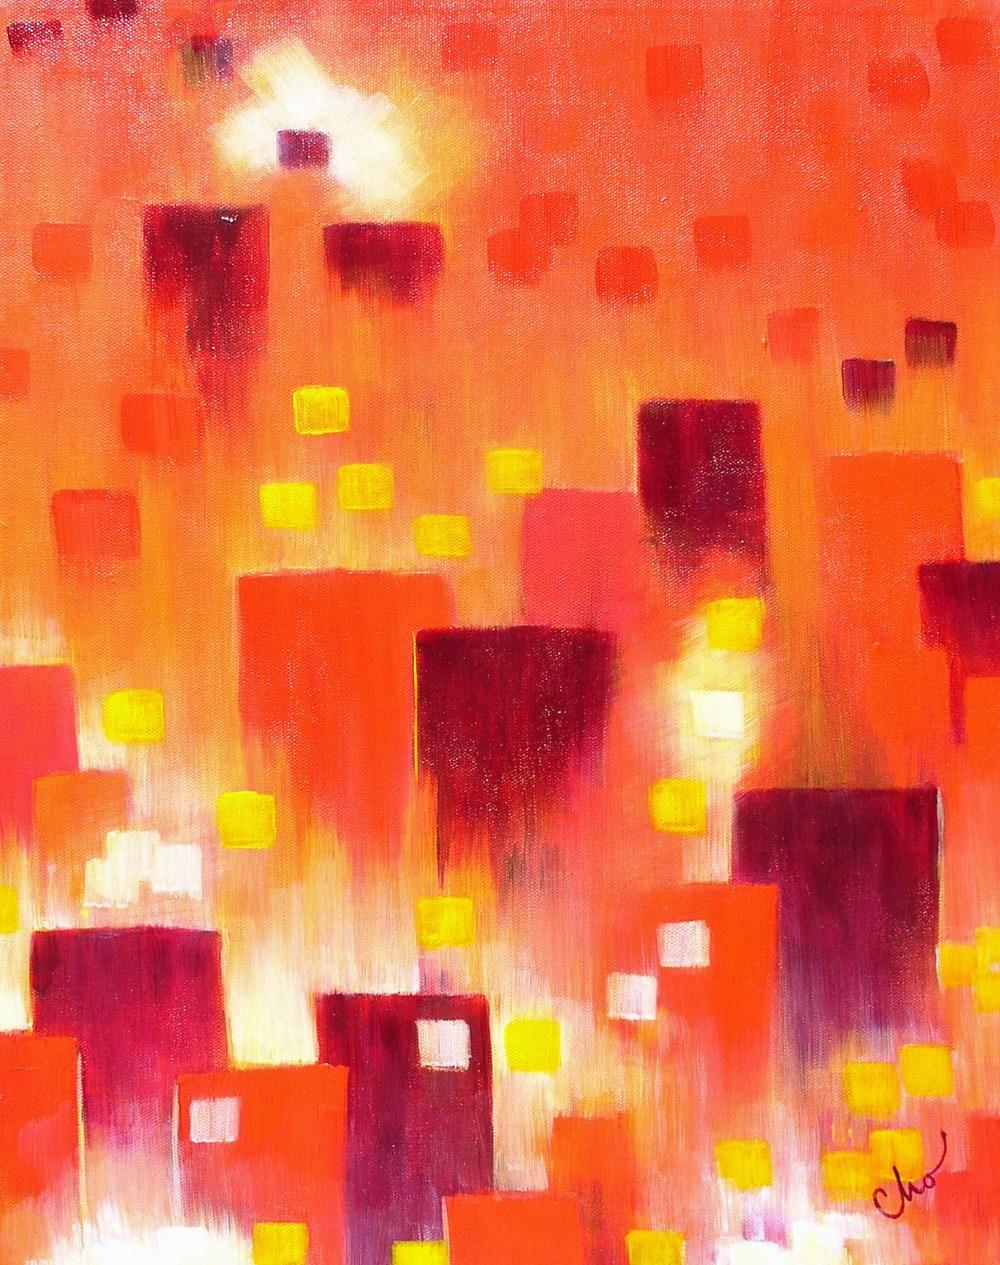 Cityscape--20x16 Sept 2010